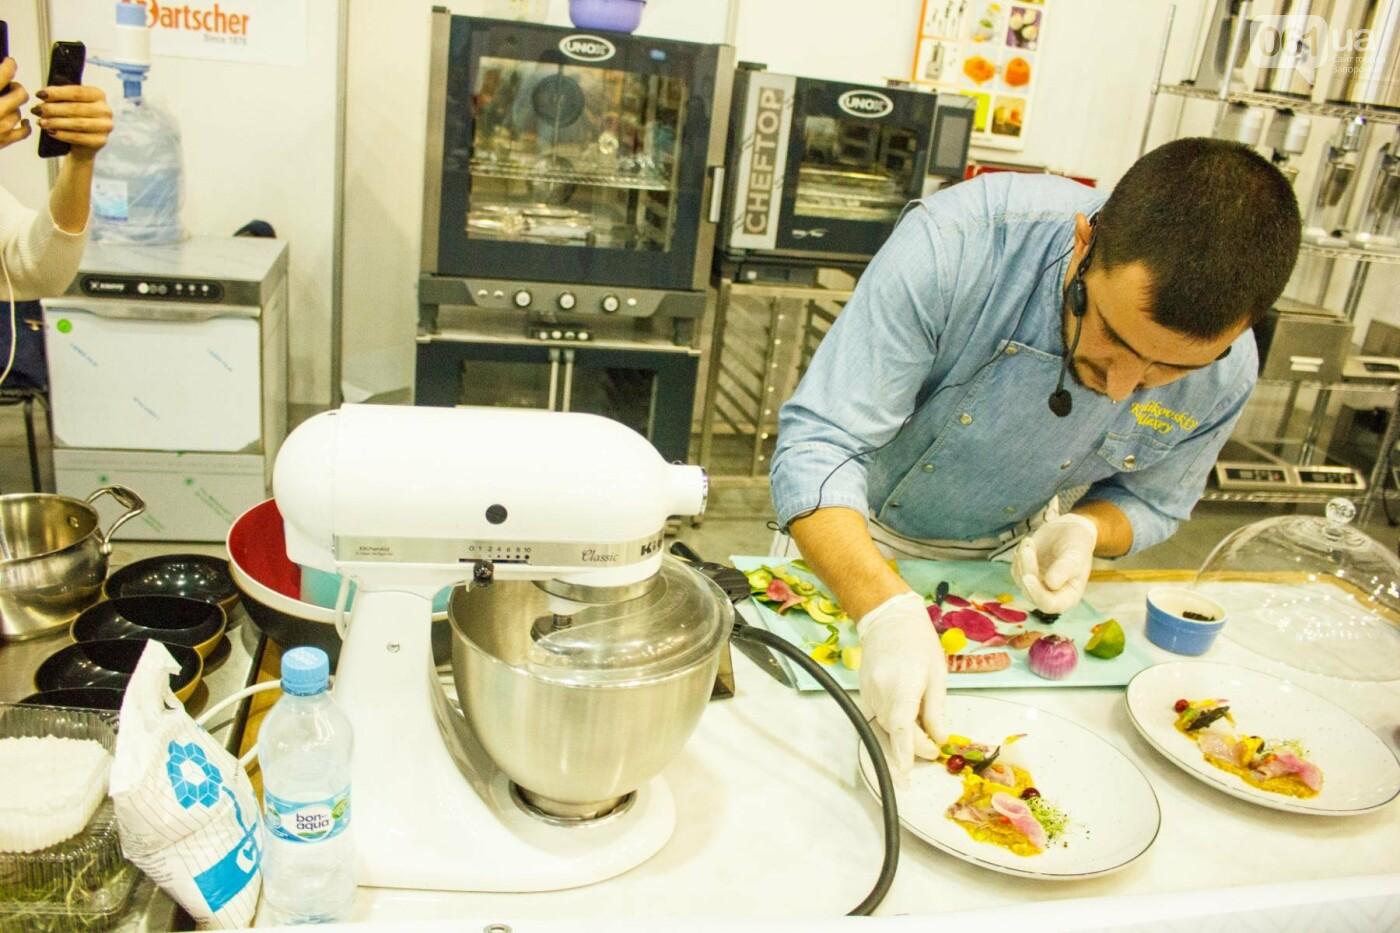 Шеф-повара запорожских ресторанов провели мастер-класс для горожан: как это было, - ФОТОРЕПОРТАЖ, фото-67